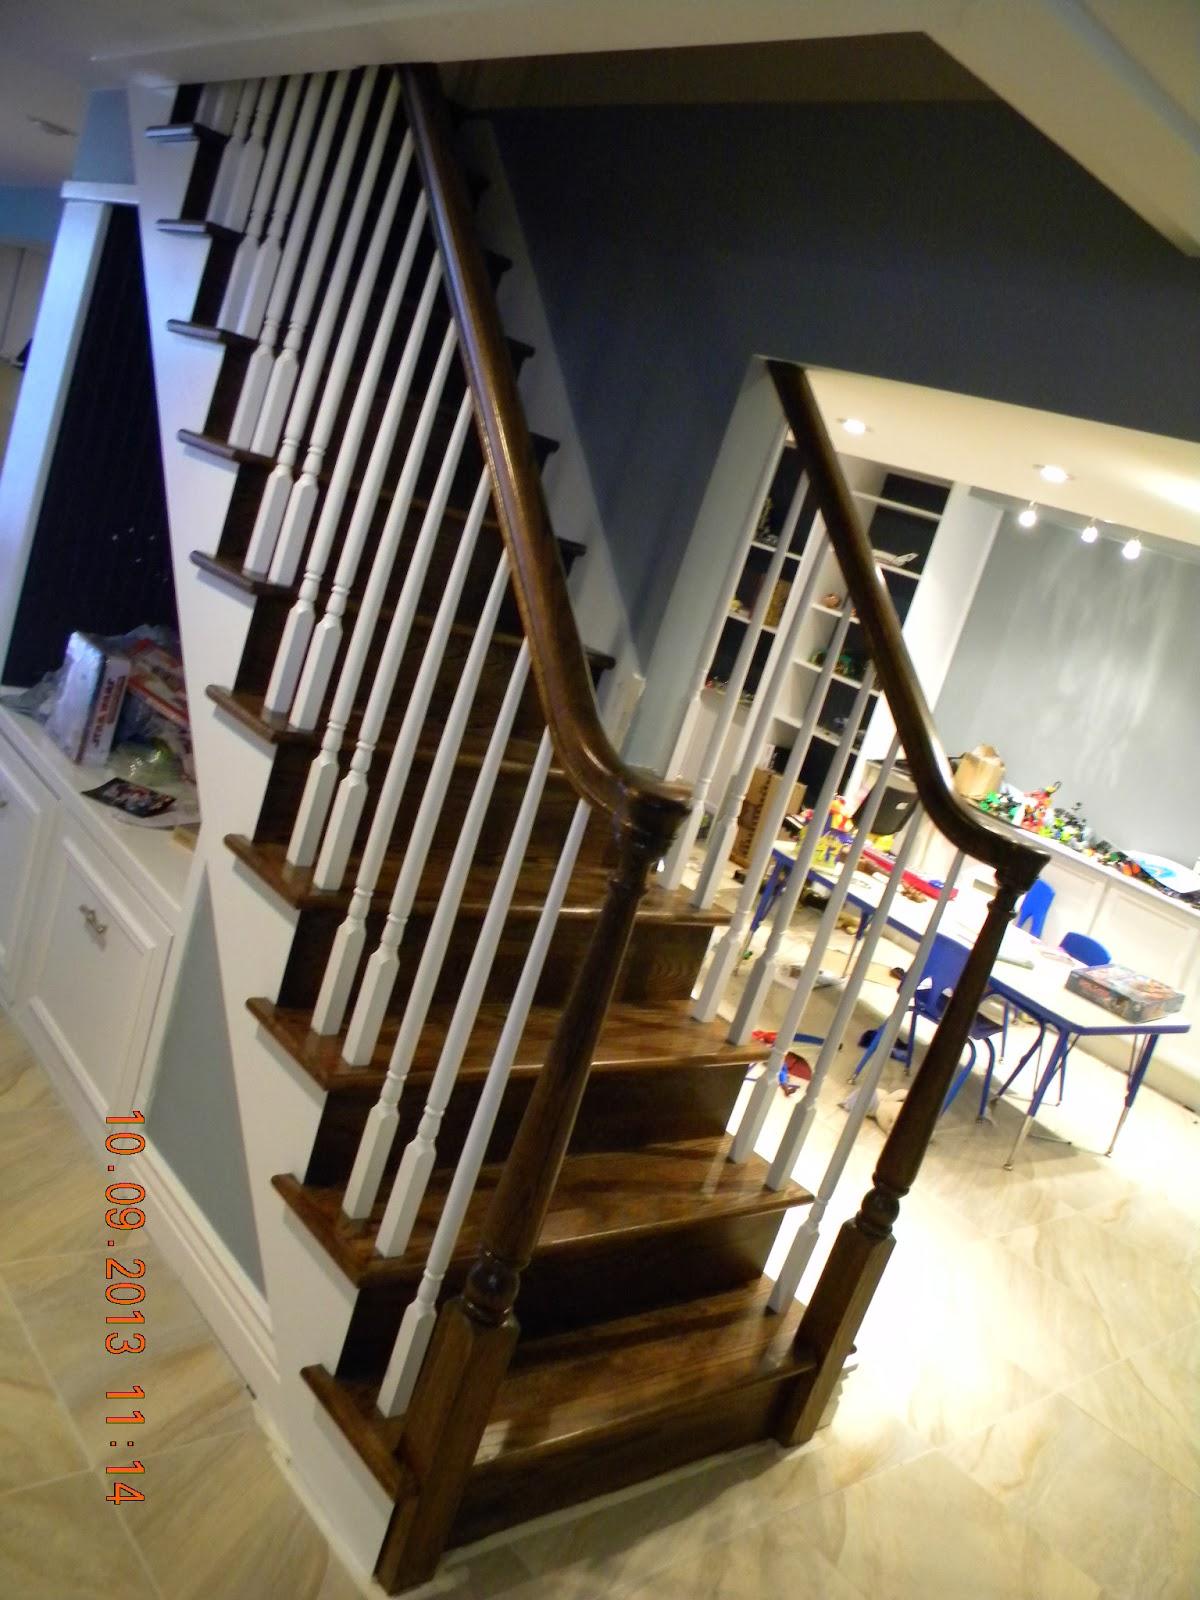 Wood Staircase Handrail Baluster Installer In Northeast Philadelphia